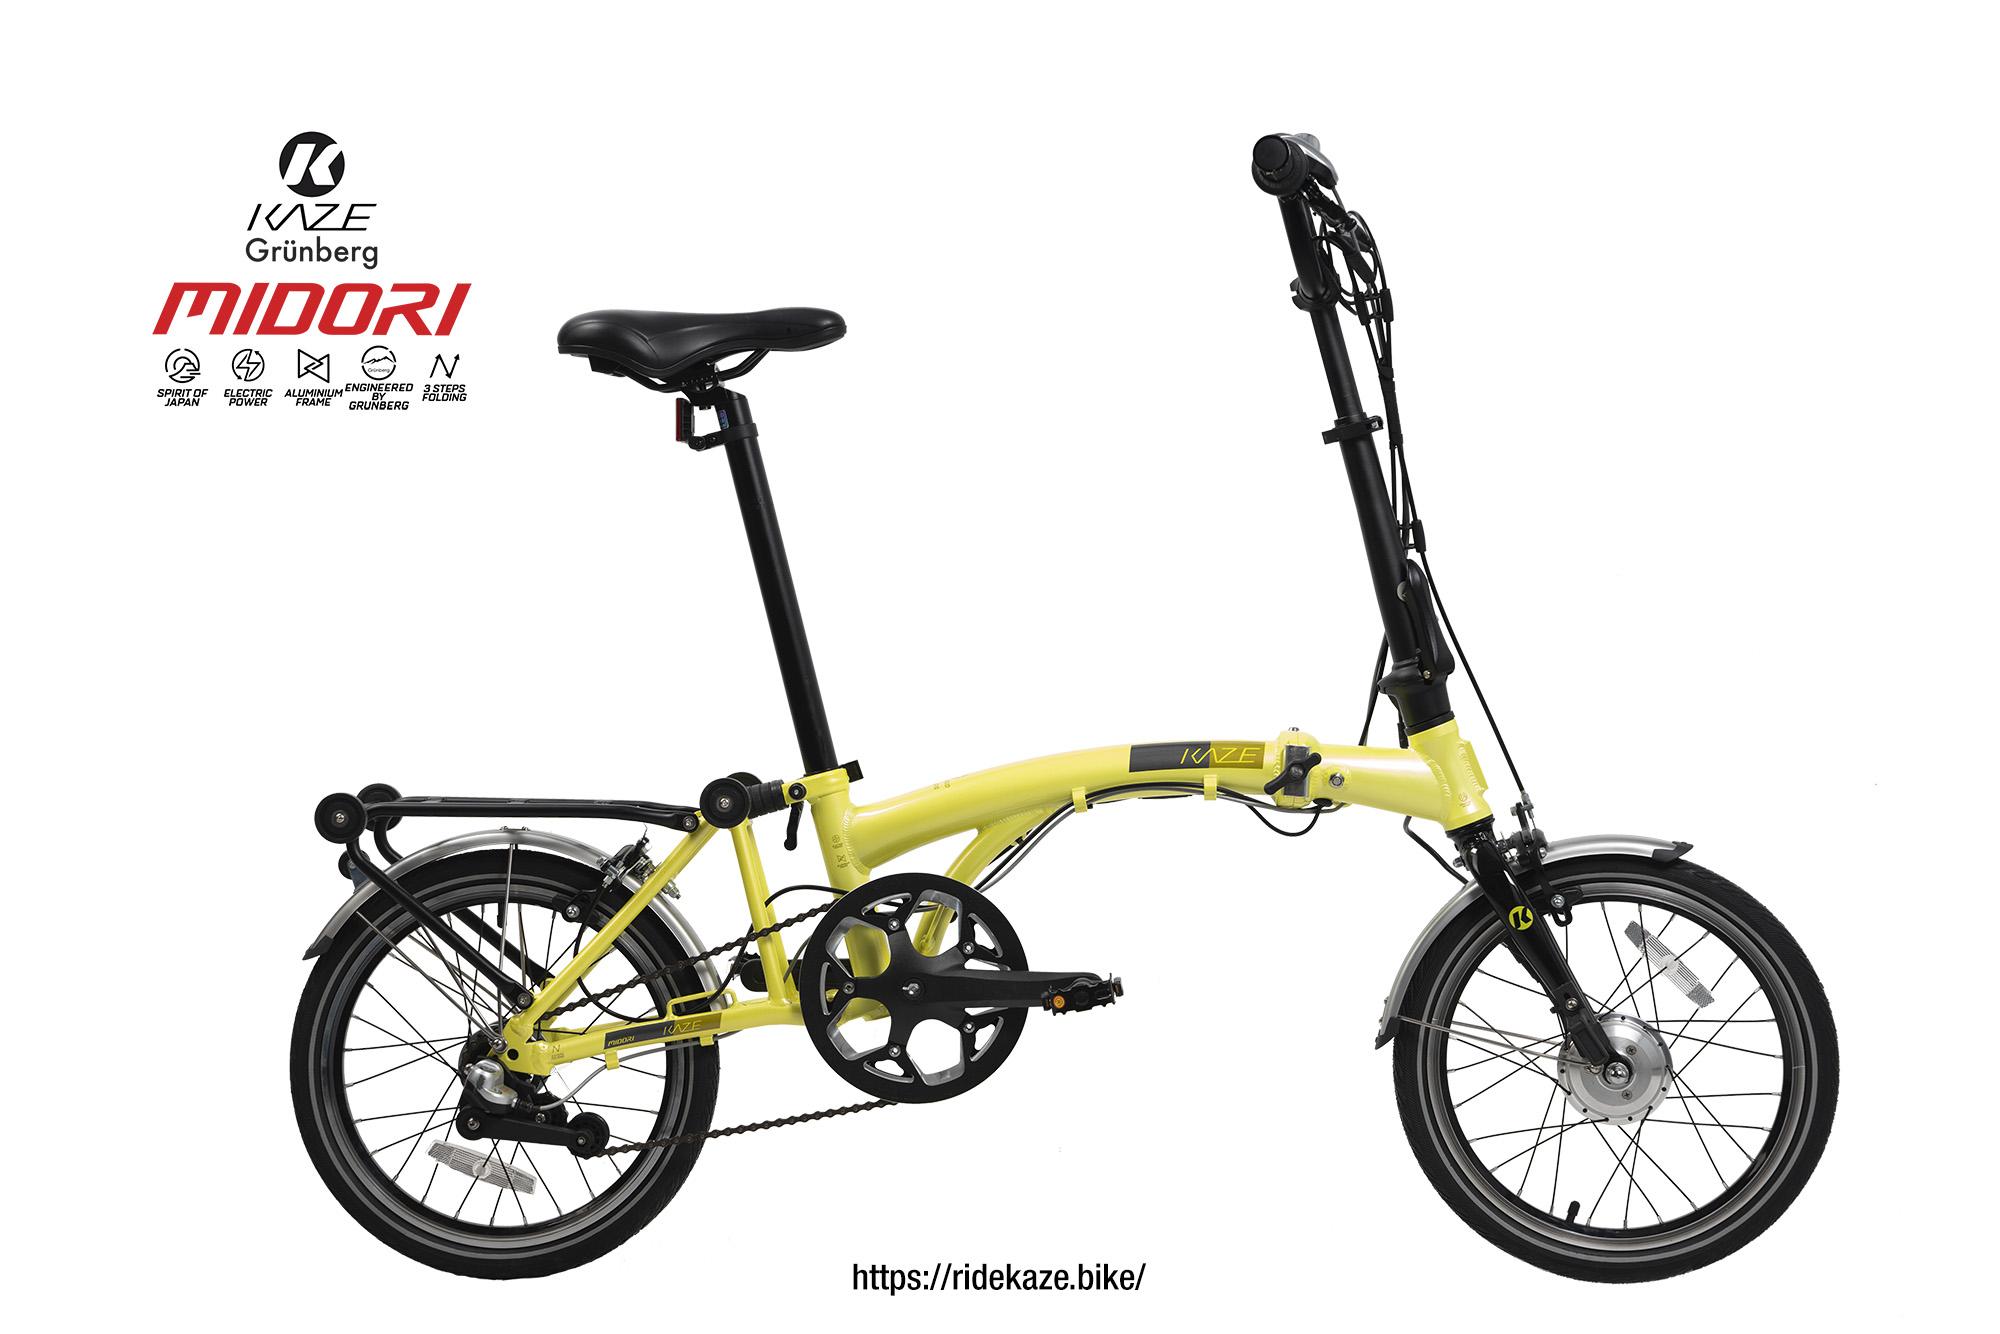 KAZE-Grünberg : Midori (e-Folding Bike)